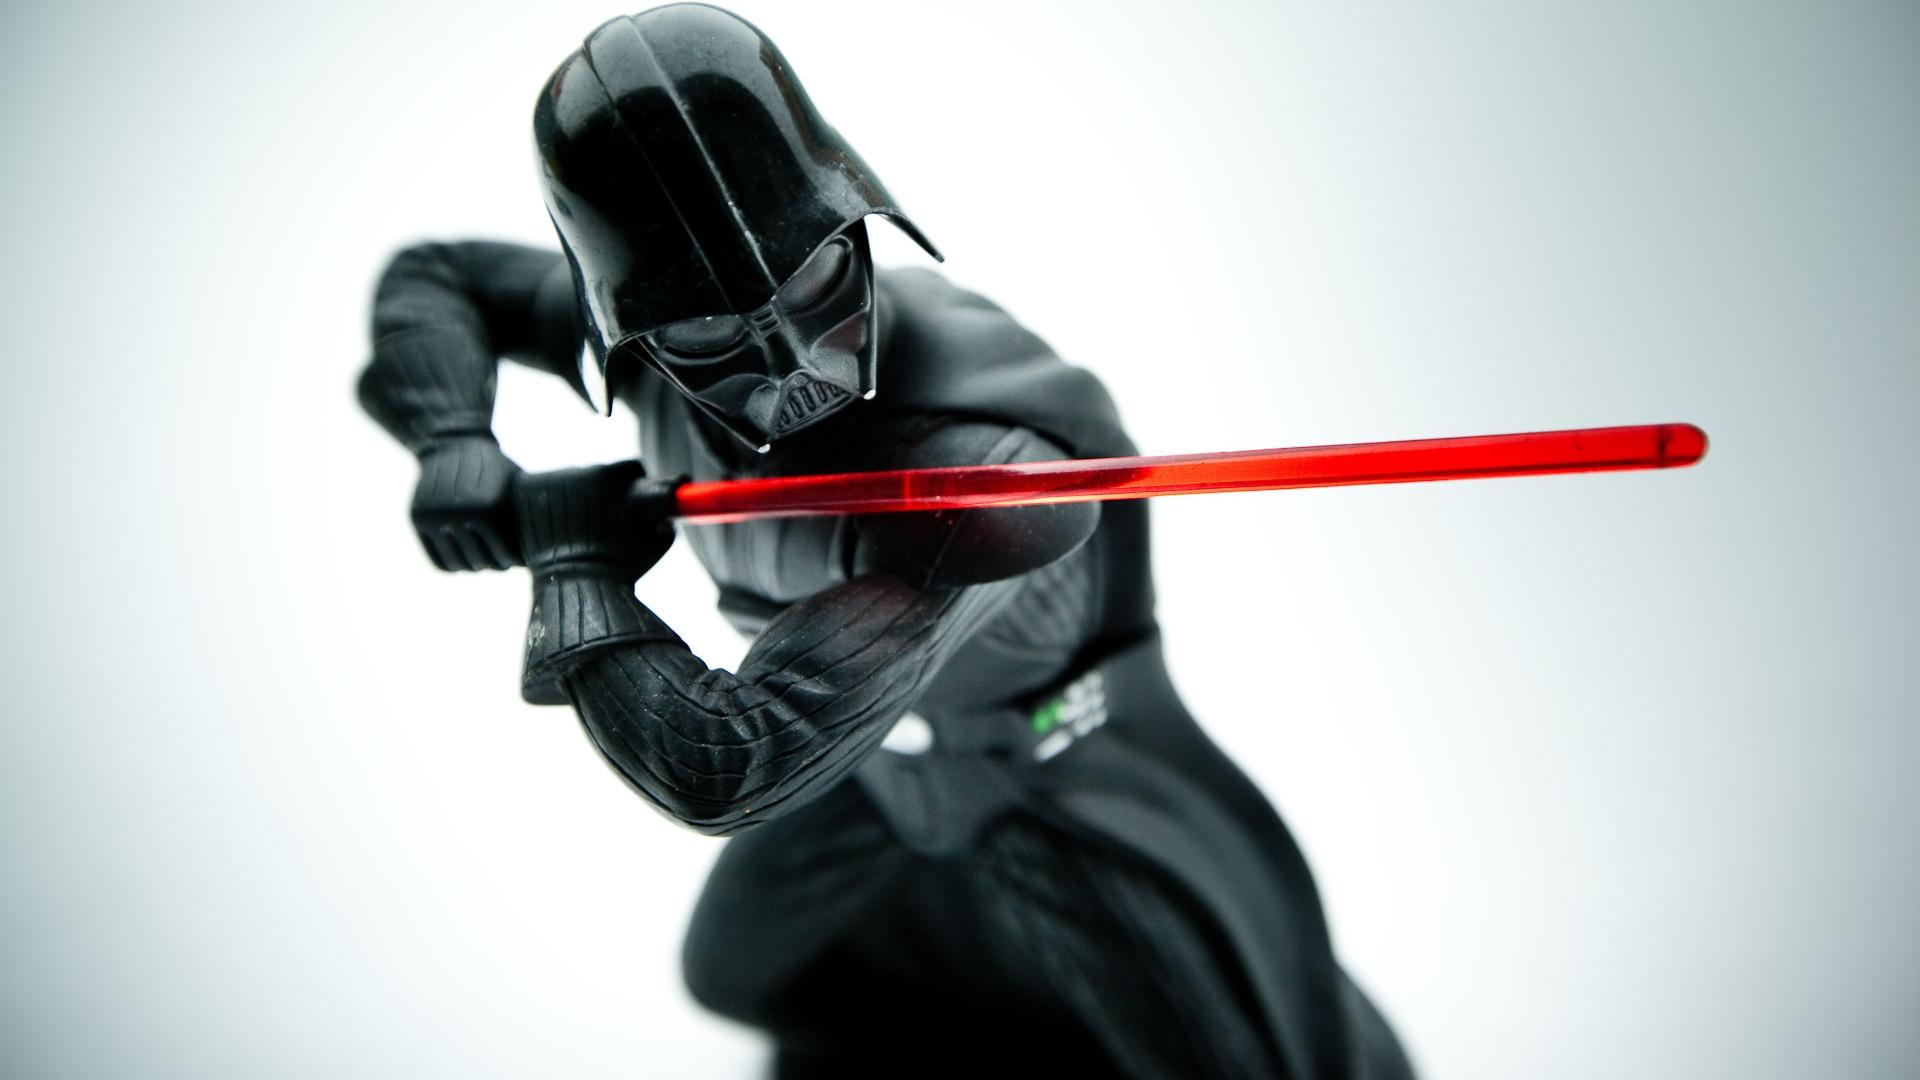 Star Wars Darth Vader Hd Wallpaper Wallpaperfx